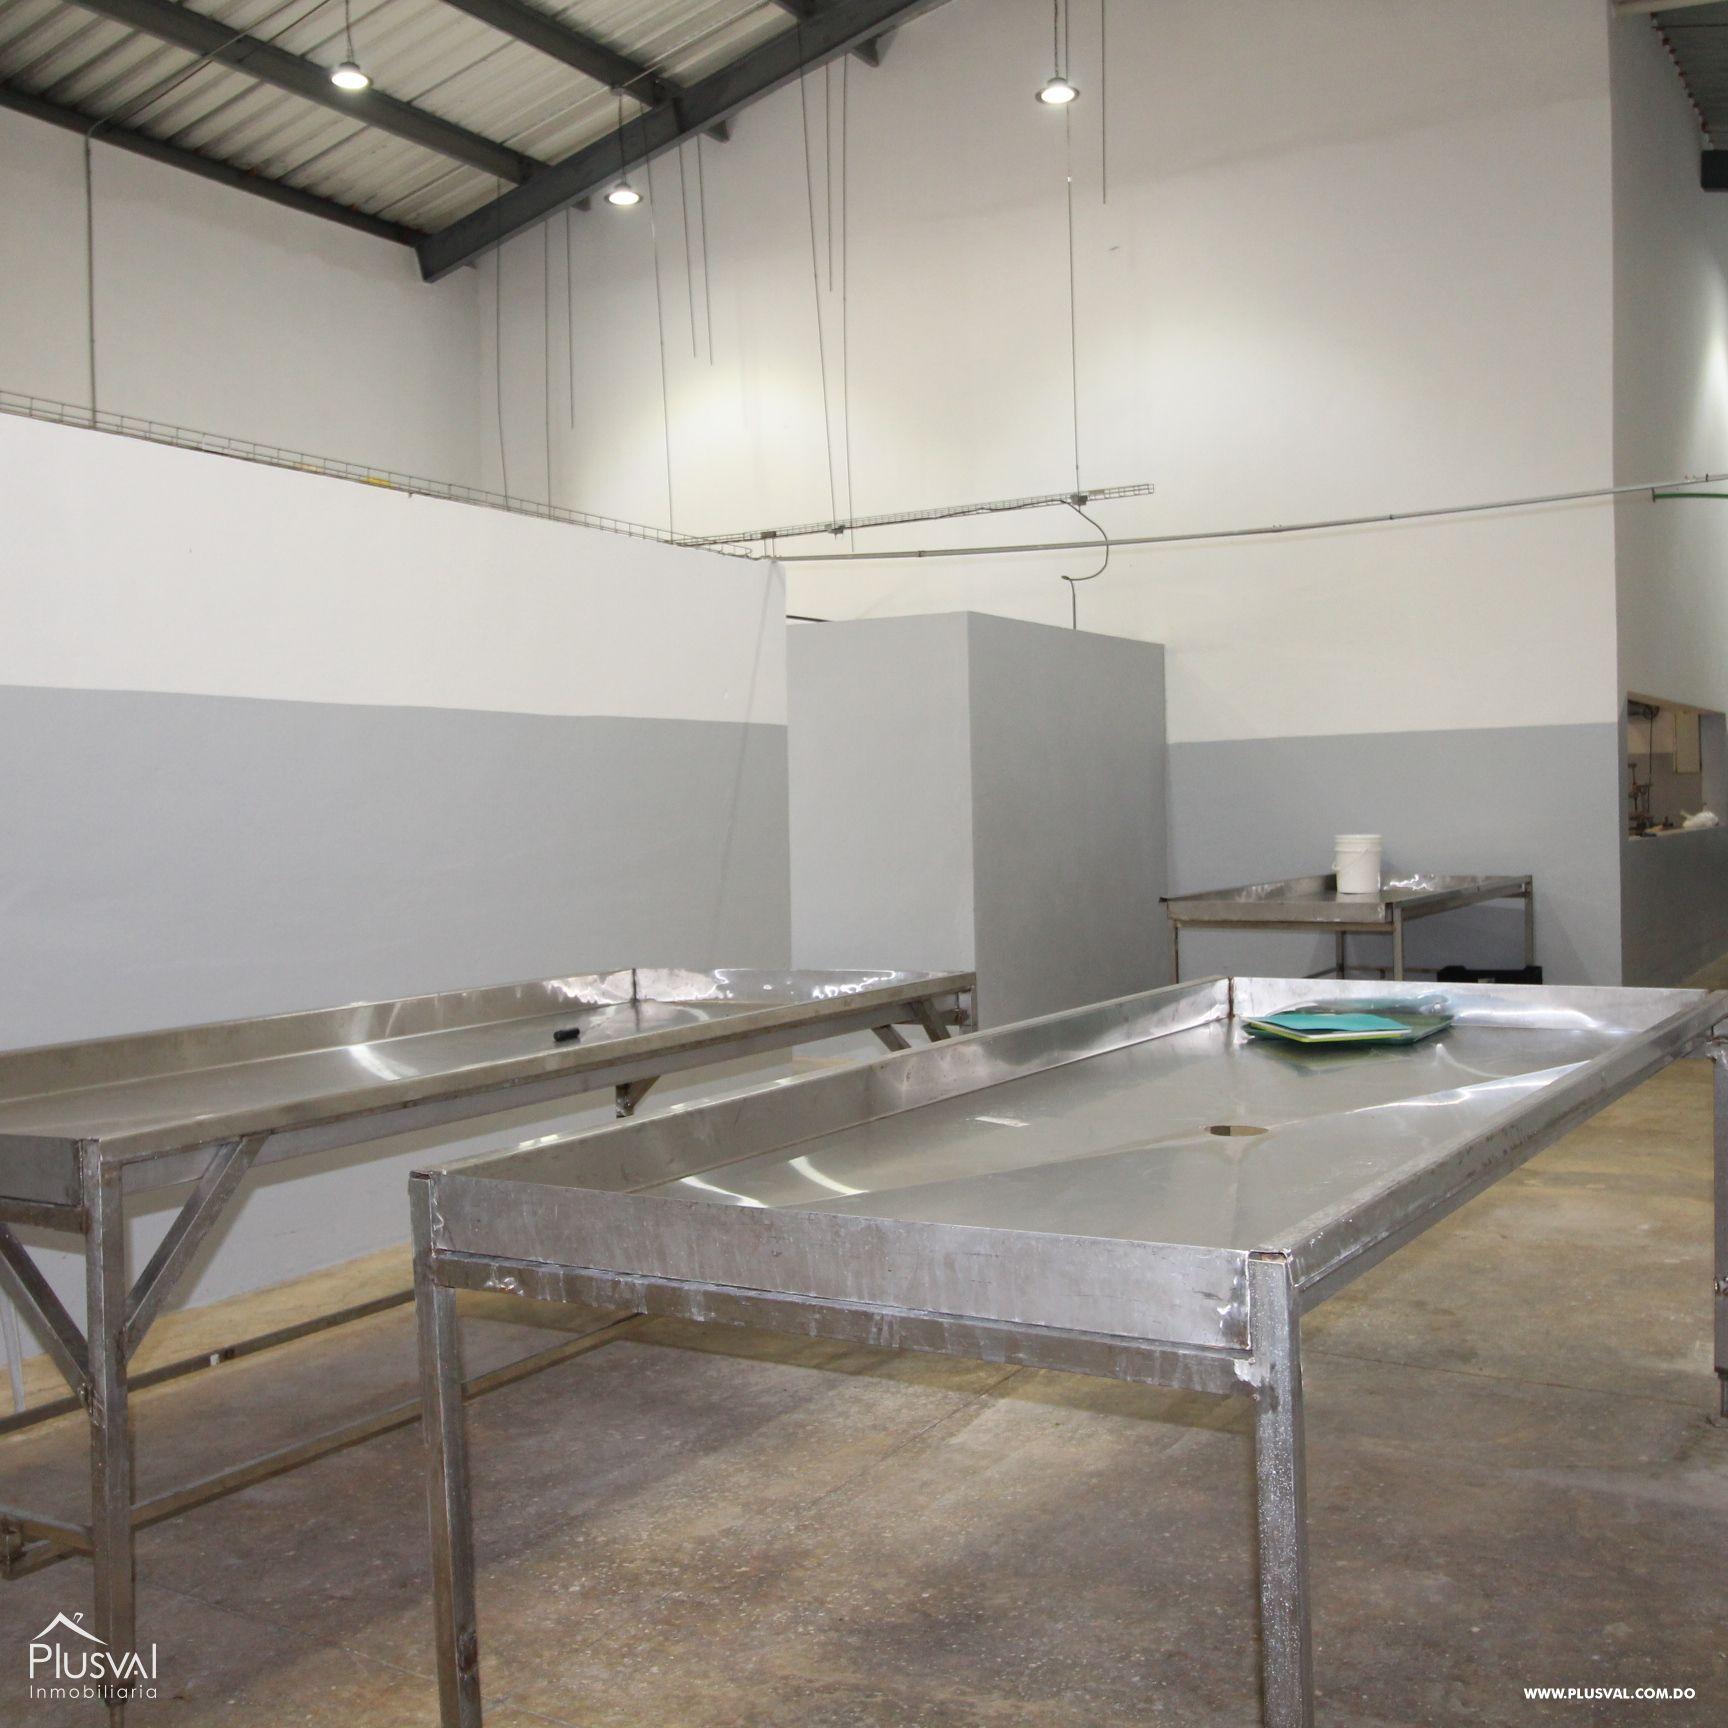 Nave industrial y procesadora de jugo en venta, Los Frailes 173413